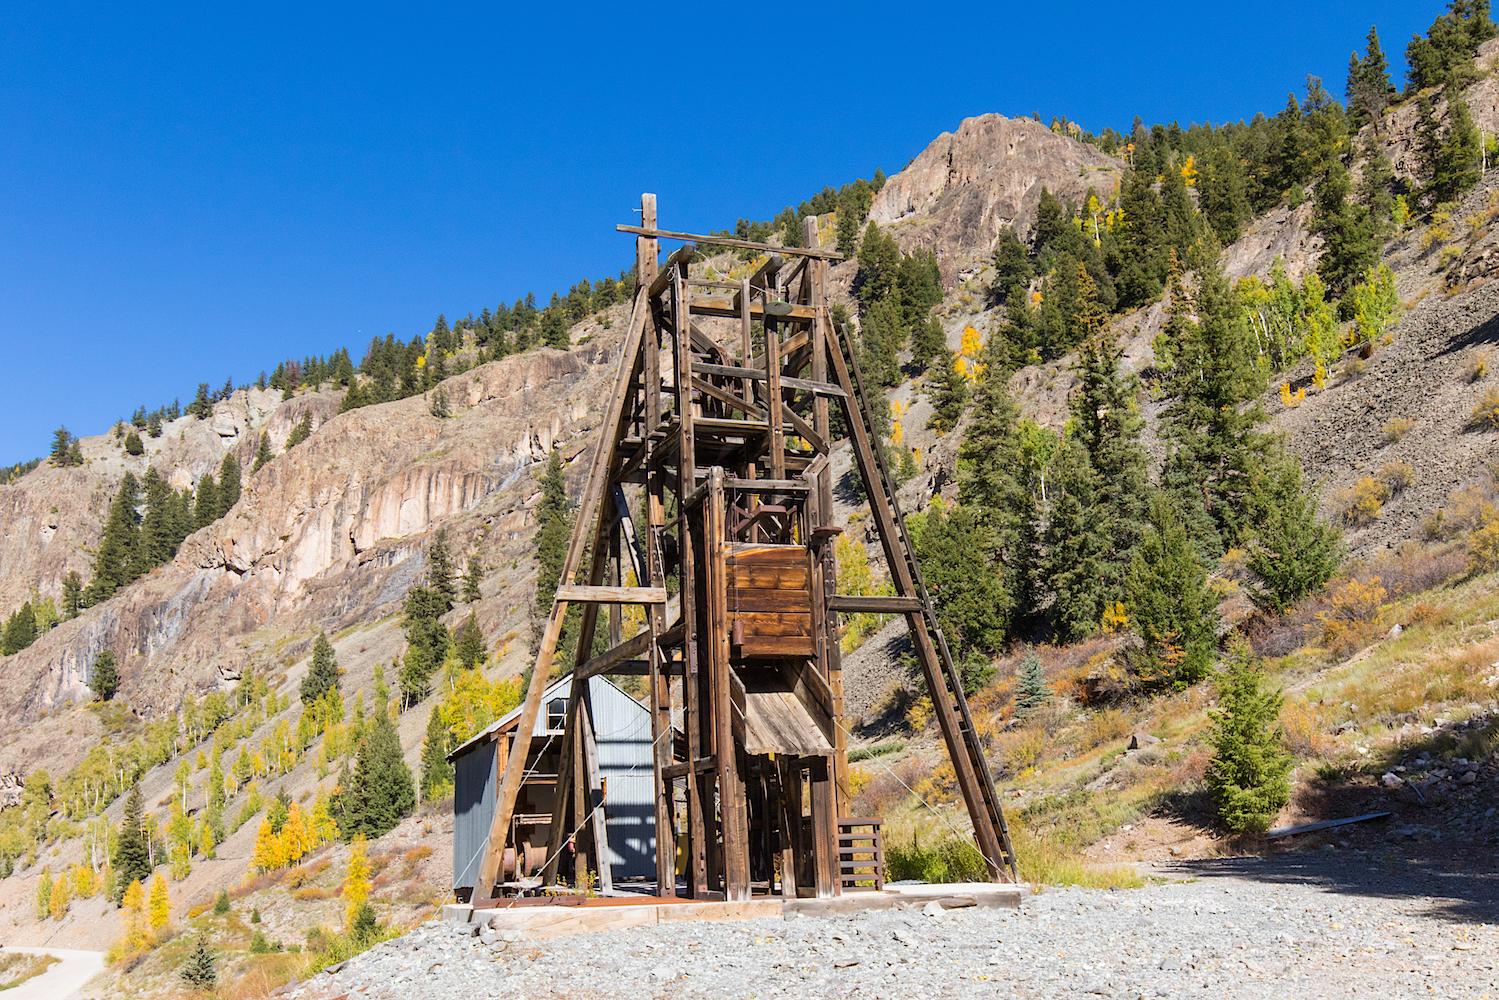 Henson Mine Shaft, Image # 5143